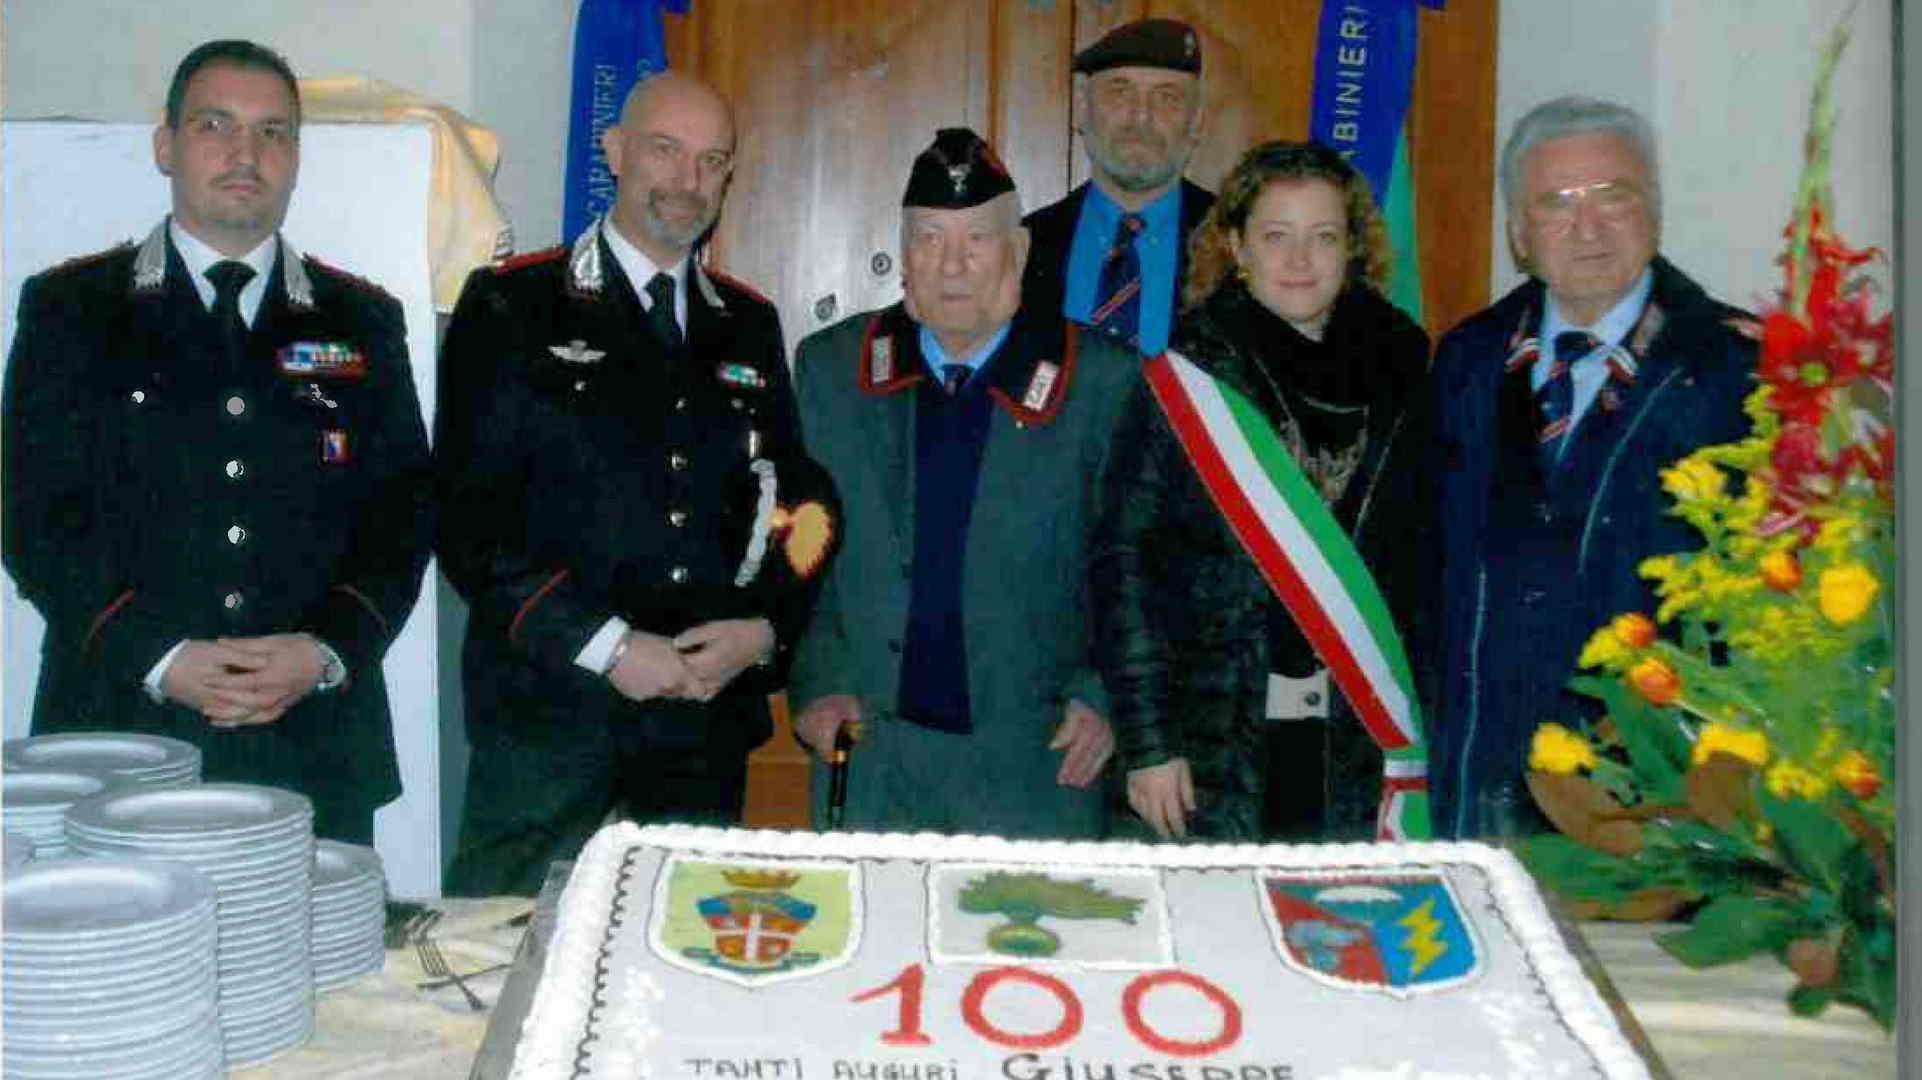 Photo of Incontro con la Storia. Reduce Carabiniere Reale Paracadutista Giuseppe Palagi, classe 1915 – VIDEO E GALLERIA FOTOGRAFICA